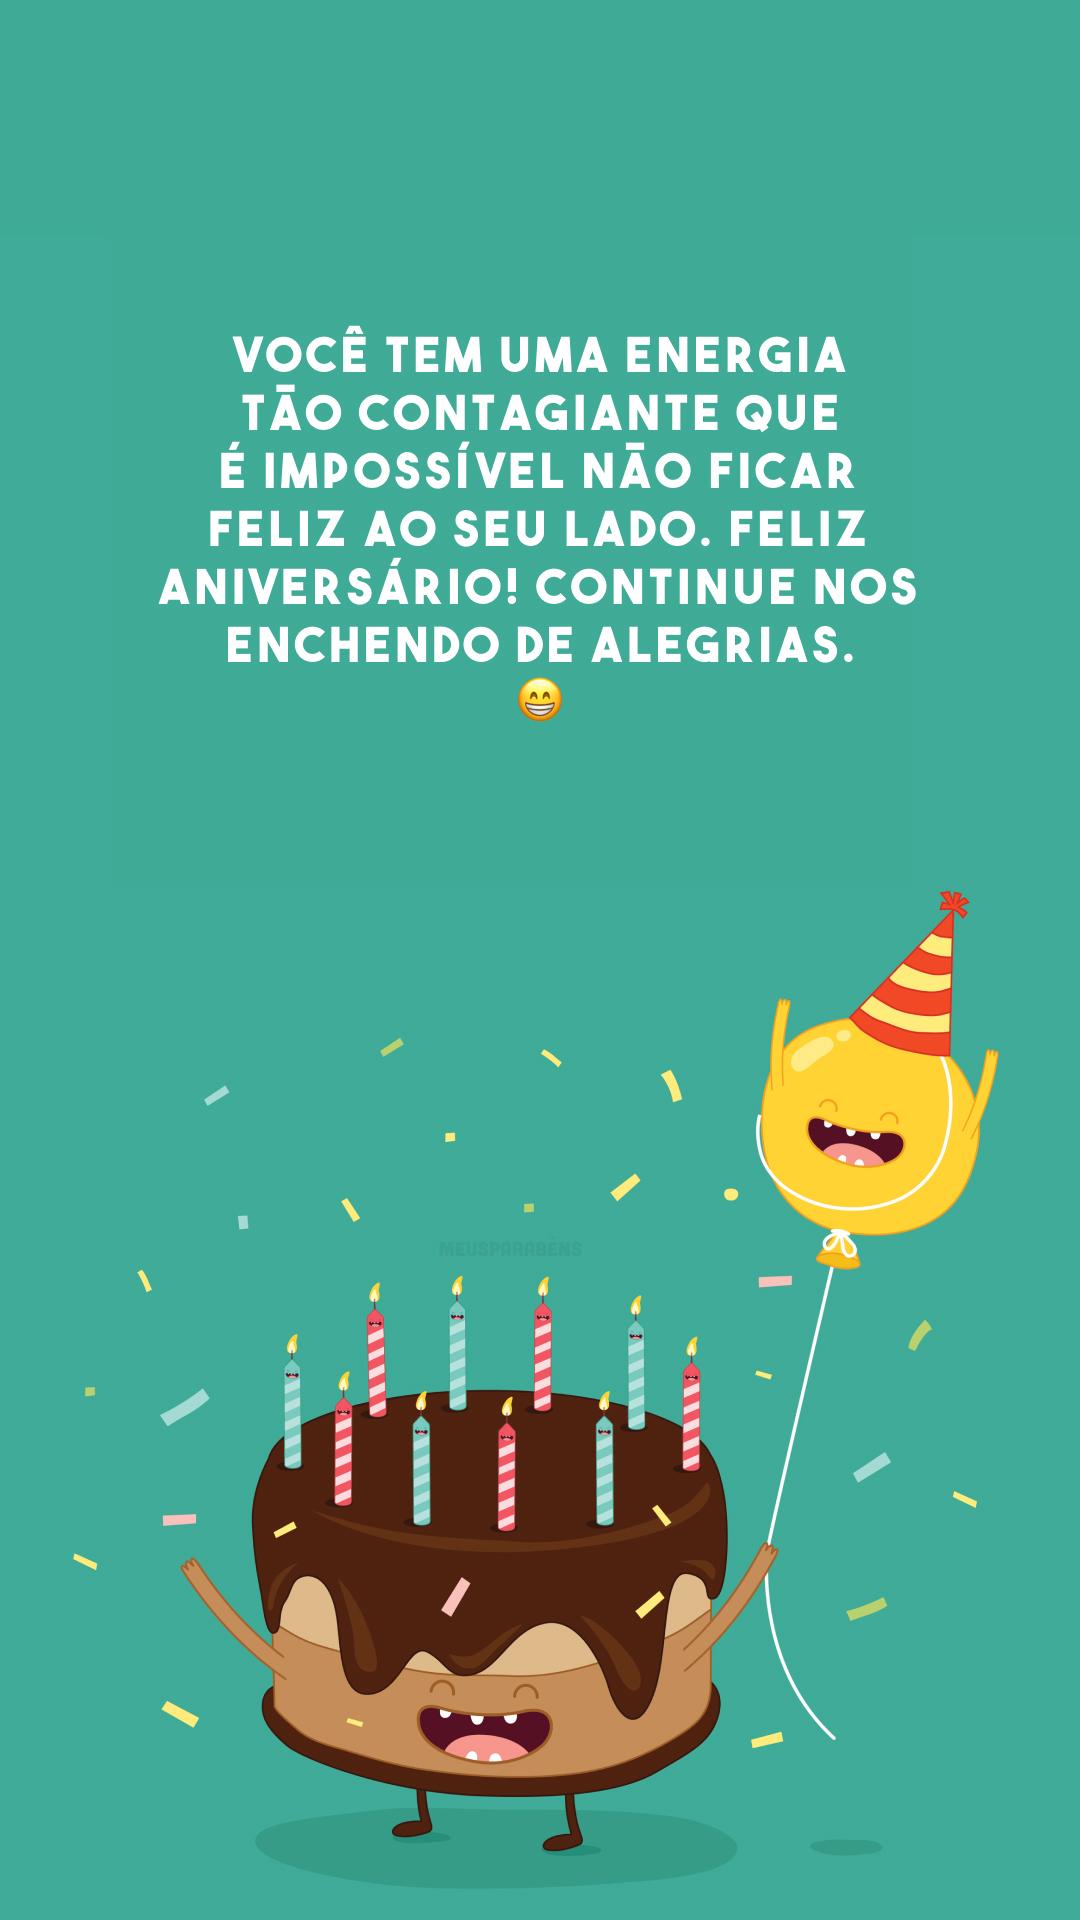 Você tem uma energia tão contagiante que é impossível não ficar feliz ao seu lado. Feliz aniversário! Continue nos enchendo de alegrias.